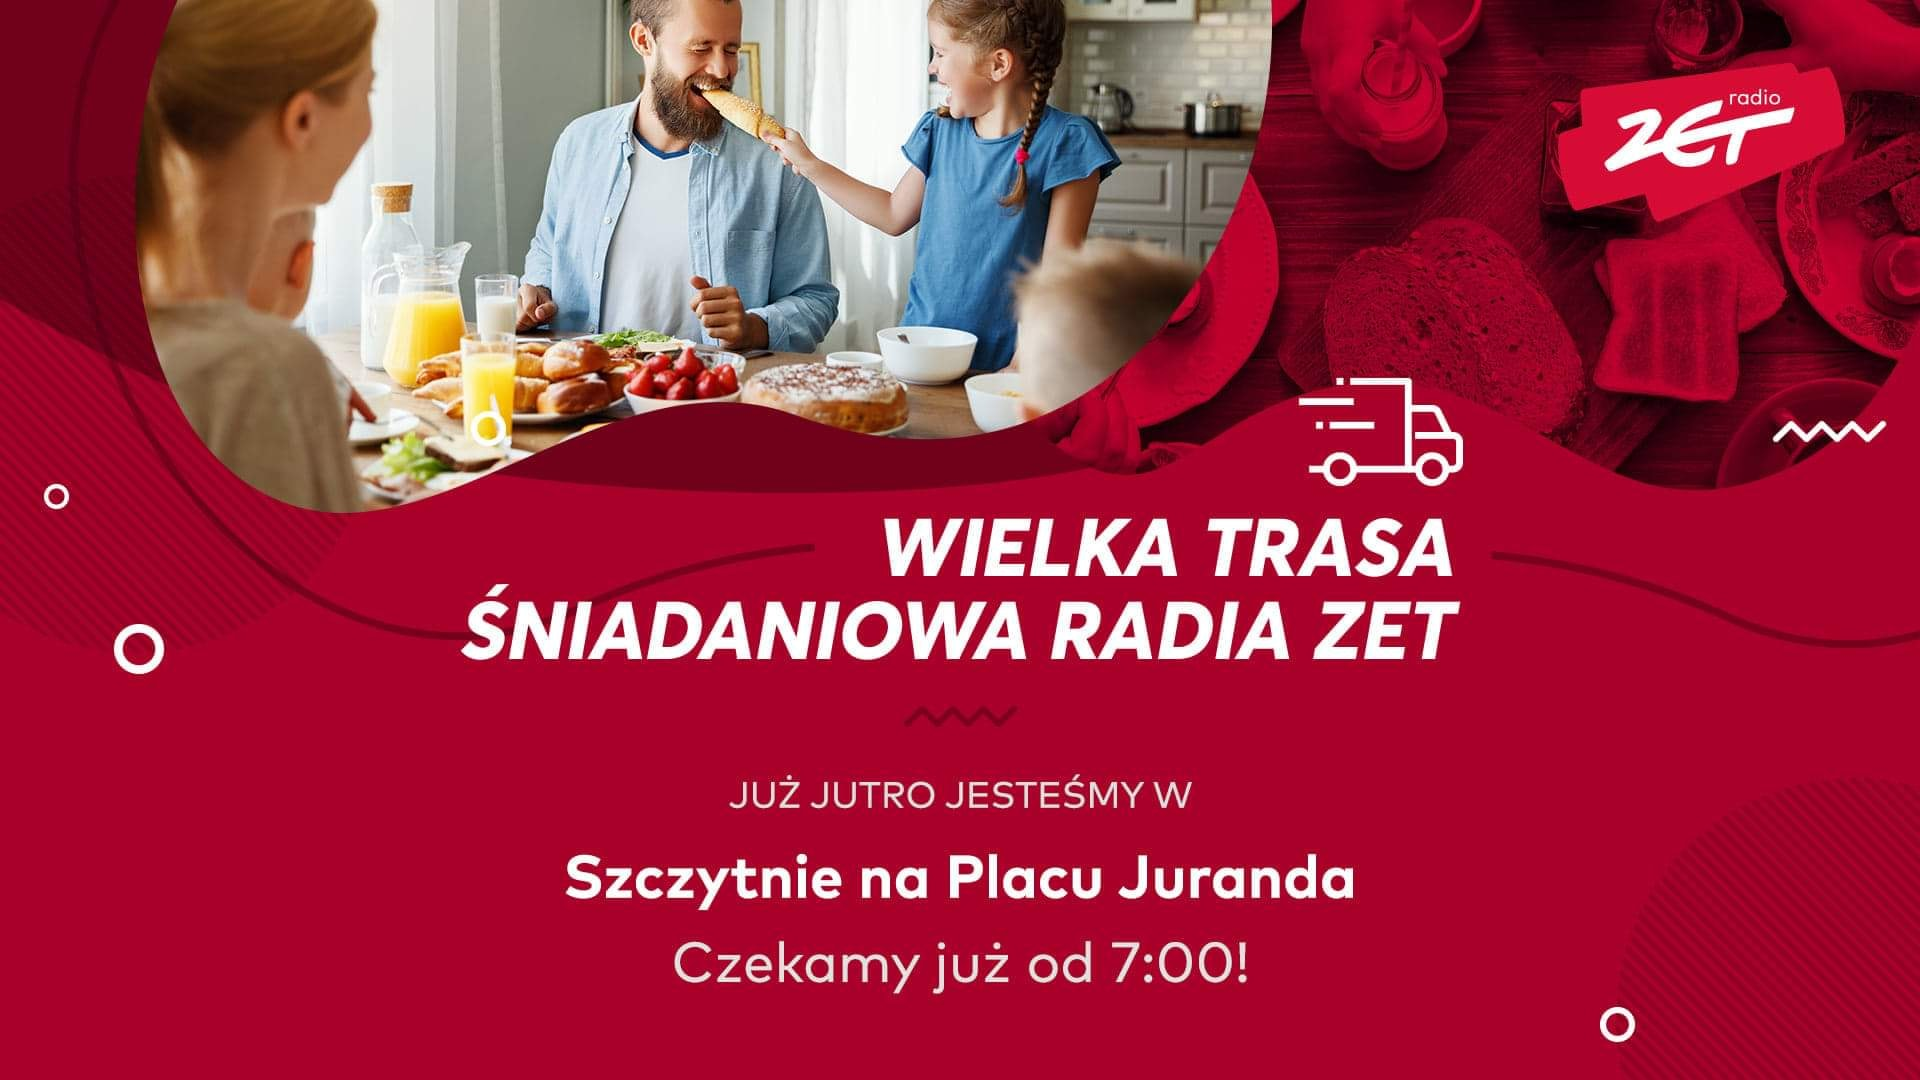 https://m.powiatszczycienski.pl/2020/09/orig/119583541-3127902720653495-5808917633222395650-o-34452.jpg